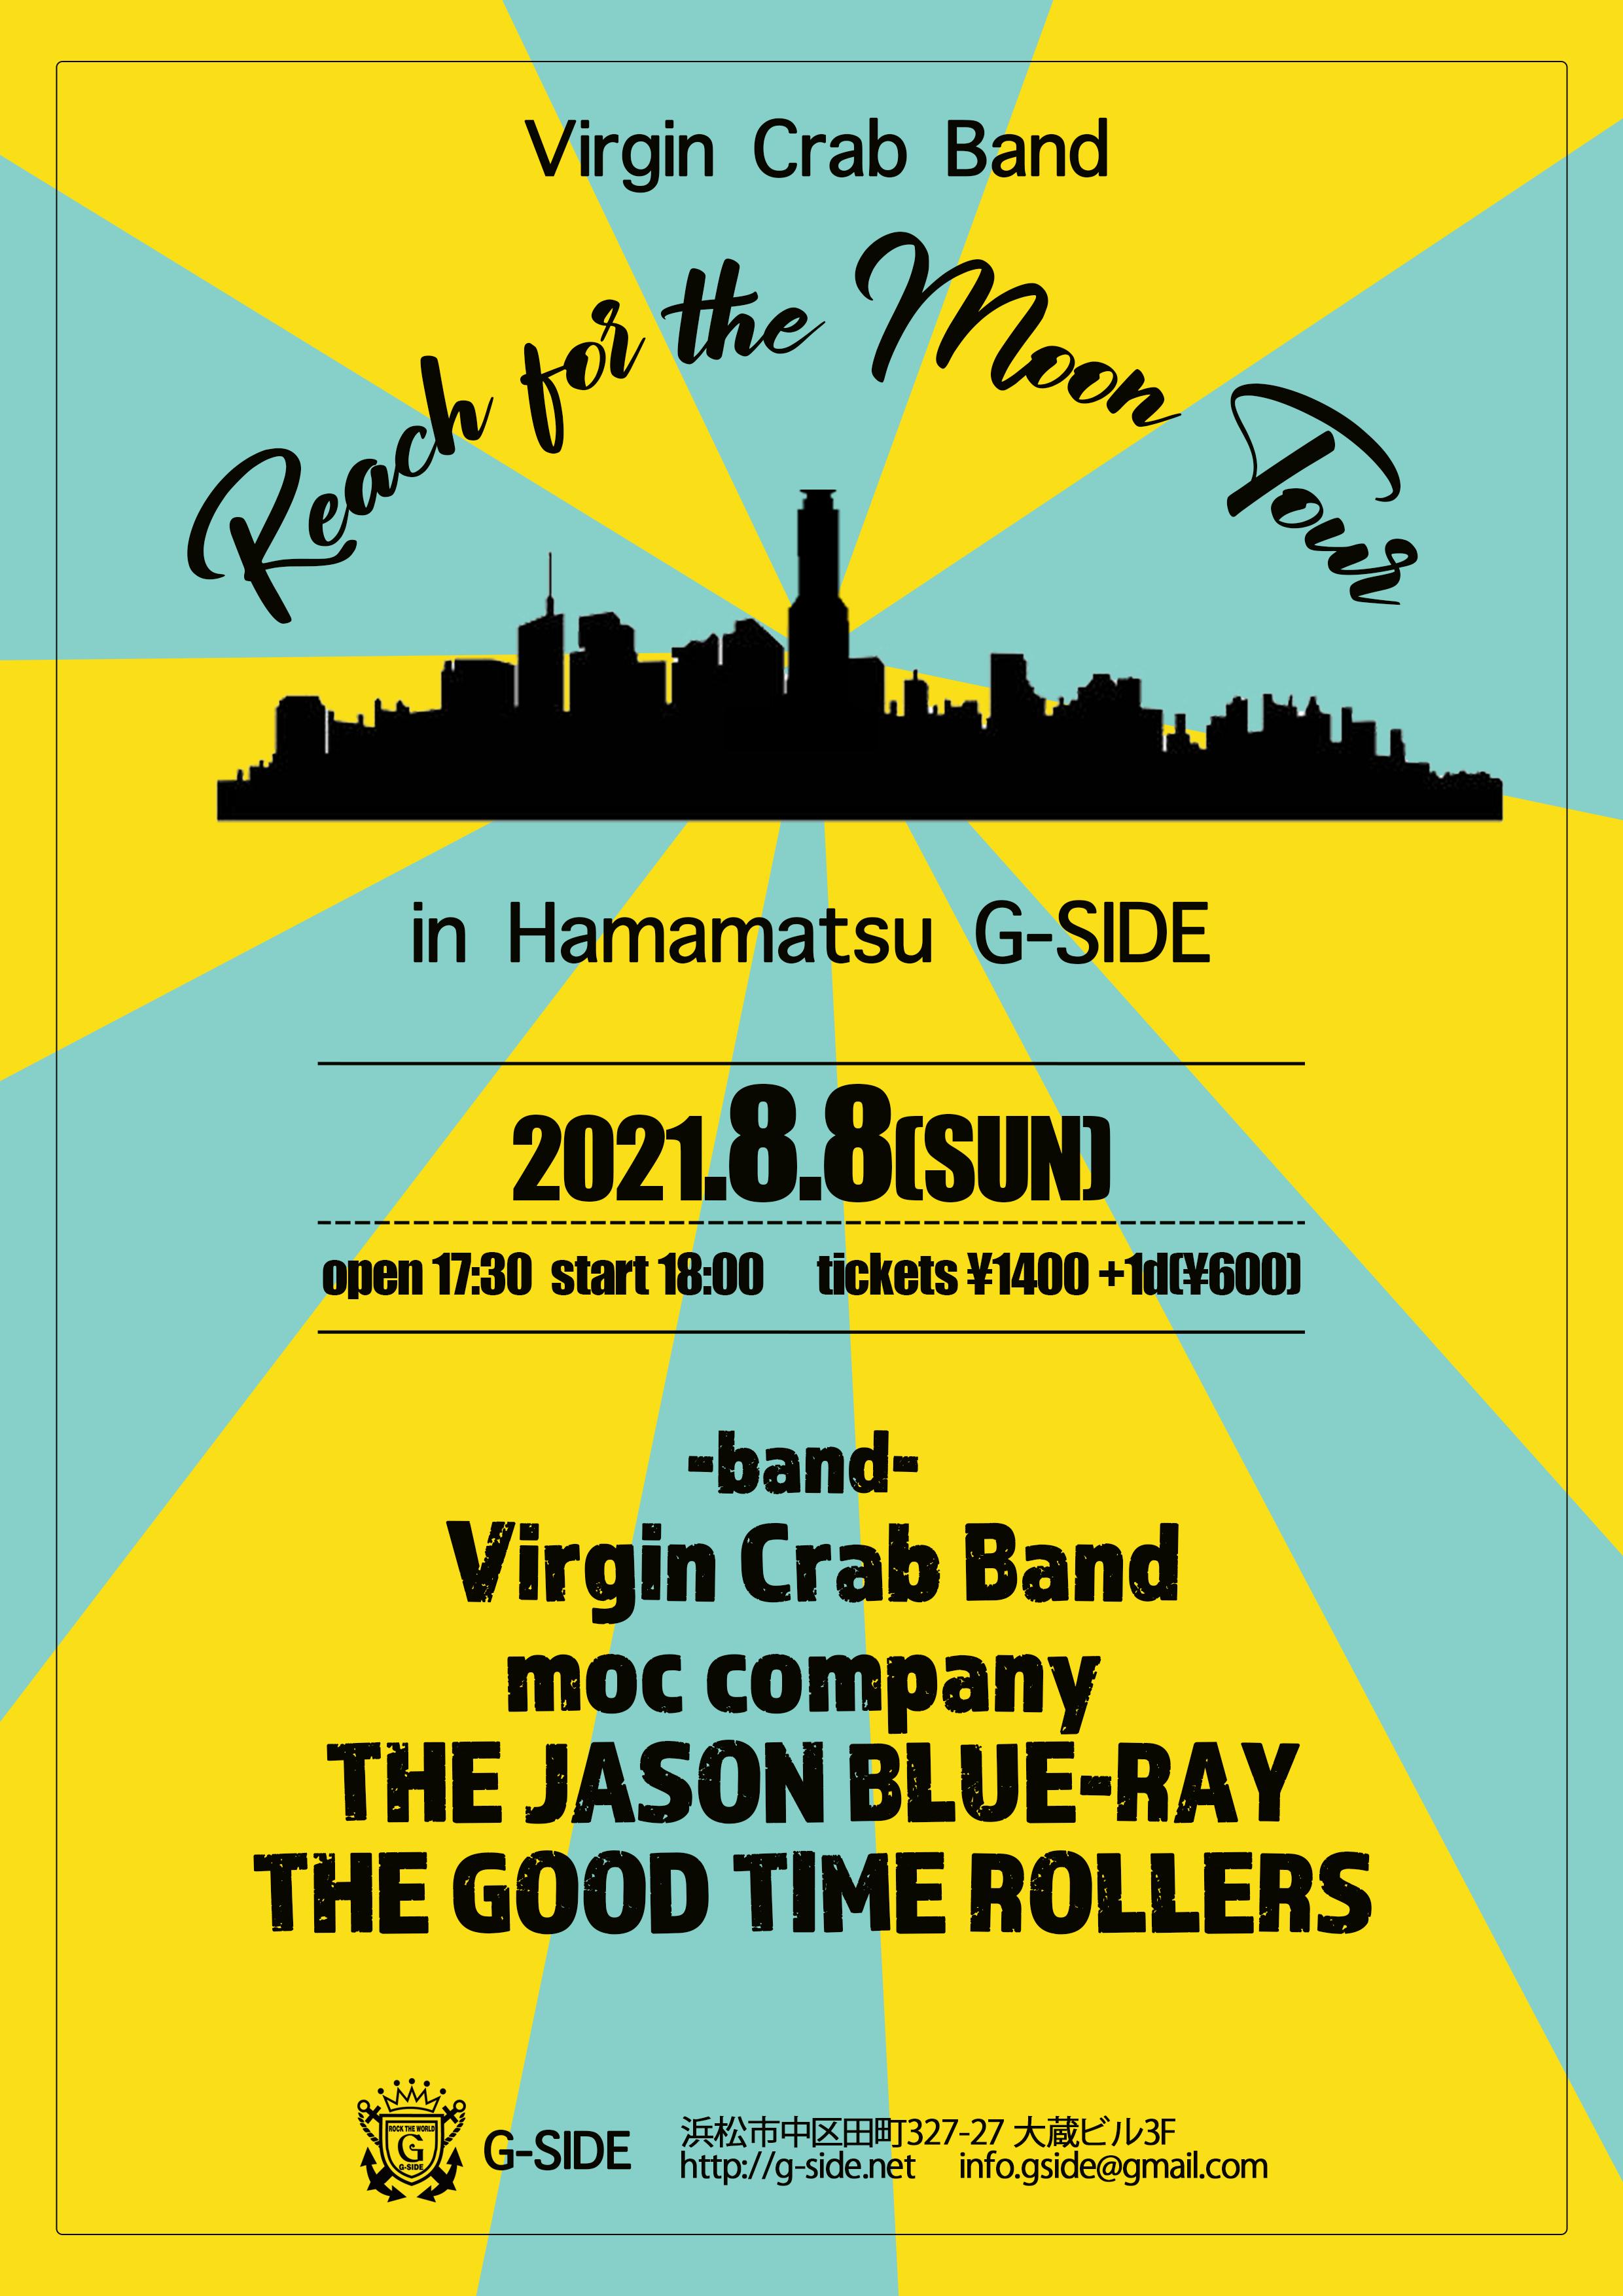 8月8日日曜日Virgin Crab Band 「Reach for the Moon Tour」in Hamamatsu G-SIDE